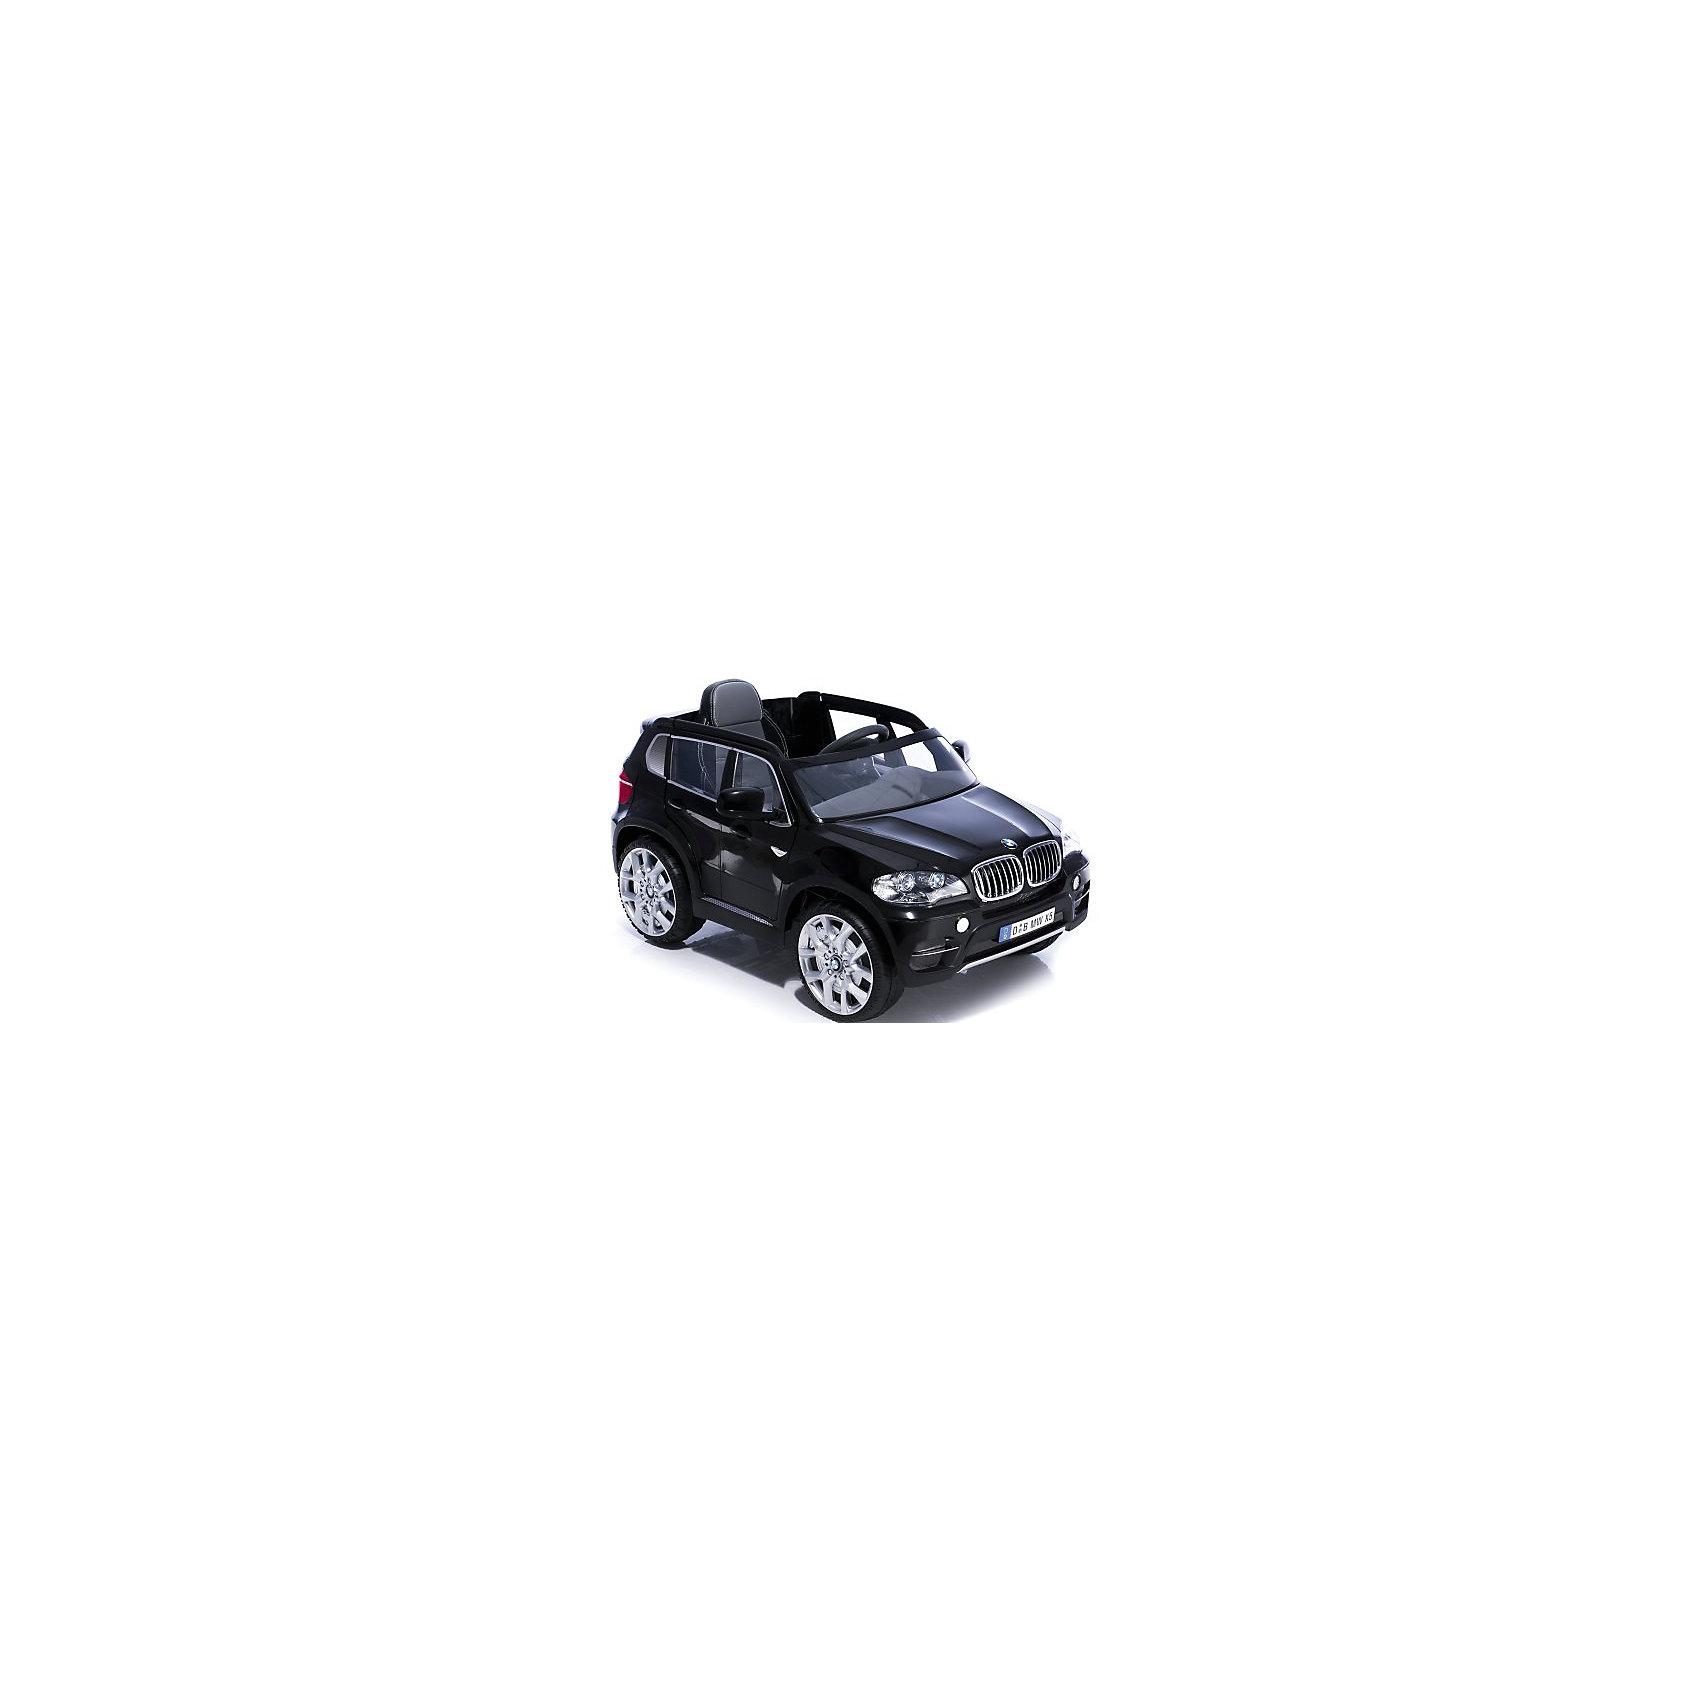 Электромобиль L200, Geoby, черныйДетский электромобиль Geoby W498QG (Геоби) Электромобиль Geoby – это модель с дизайном внедорожника. Все детали в машинке очень прочные, красивые, а сам электромобиль отличается прекрасной сборкой и качественными материалами. Крепкий корпус, большие колеса обеспечивают ровную езду и плавность в движении. Таким автомобилем будет легко управлять  всем: как малышу, так  и его родителям с помощью пульта дистанционного управления. Внешний вид электромобиля, световые  и звуковые эффекты дарят юному автомобилисту очень «реалистичные» ощущения в поездках.  А наличие ремней  безопасности убережет от падения на крутых поворотах, максимальная скорость машинки – 5 км.<br><br>Дополнительная информация:<br><br>- реалистичный внешний вид.<br>- прозрачное лобовое стекло.<br>- функциональная панель приборов.<br>- светодиодные фары.<br>- движение вперед и назад.<br>- рулевое колесо с звуковыми эффектами.<br>- аккумулятор 6 V.<br>- открывающиеся двери.<br>- пульт управления.<br>- электромобиль лицензирован компанией BMW AG.<br>- размер электромобиля – 116*62*52 см.<br>- размер упаковки: 62*45,7*116 см<br><br>Электромобиль A06,торговой марки  Geoby, можно купить в нашем интернет-магазине<br><br>Ширина мм: 1170<br>Глубина мм: 670<br>Высота мм: 525<br>Вес г: 24500<br>Возраст от месяцев: 24<br>Возраст до месяцев: 84<br>Пол: Унисекс<br>Возраст: Детский<br>SKU: 4975818